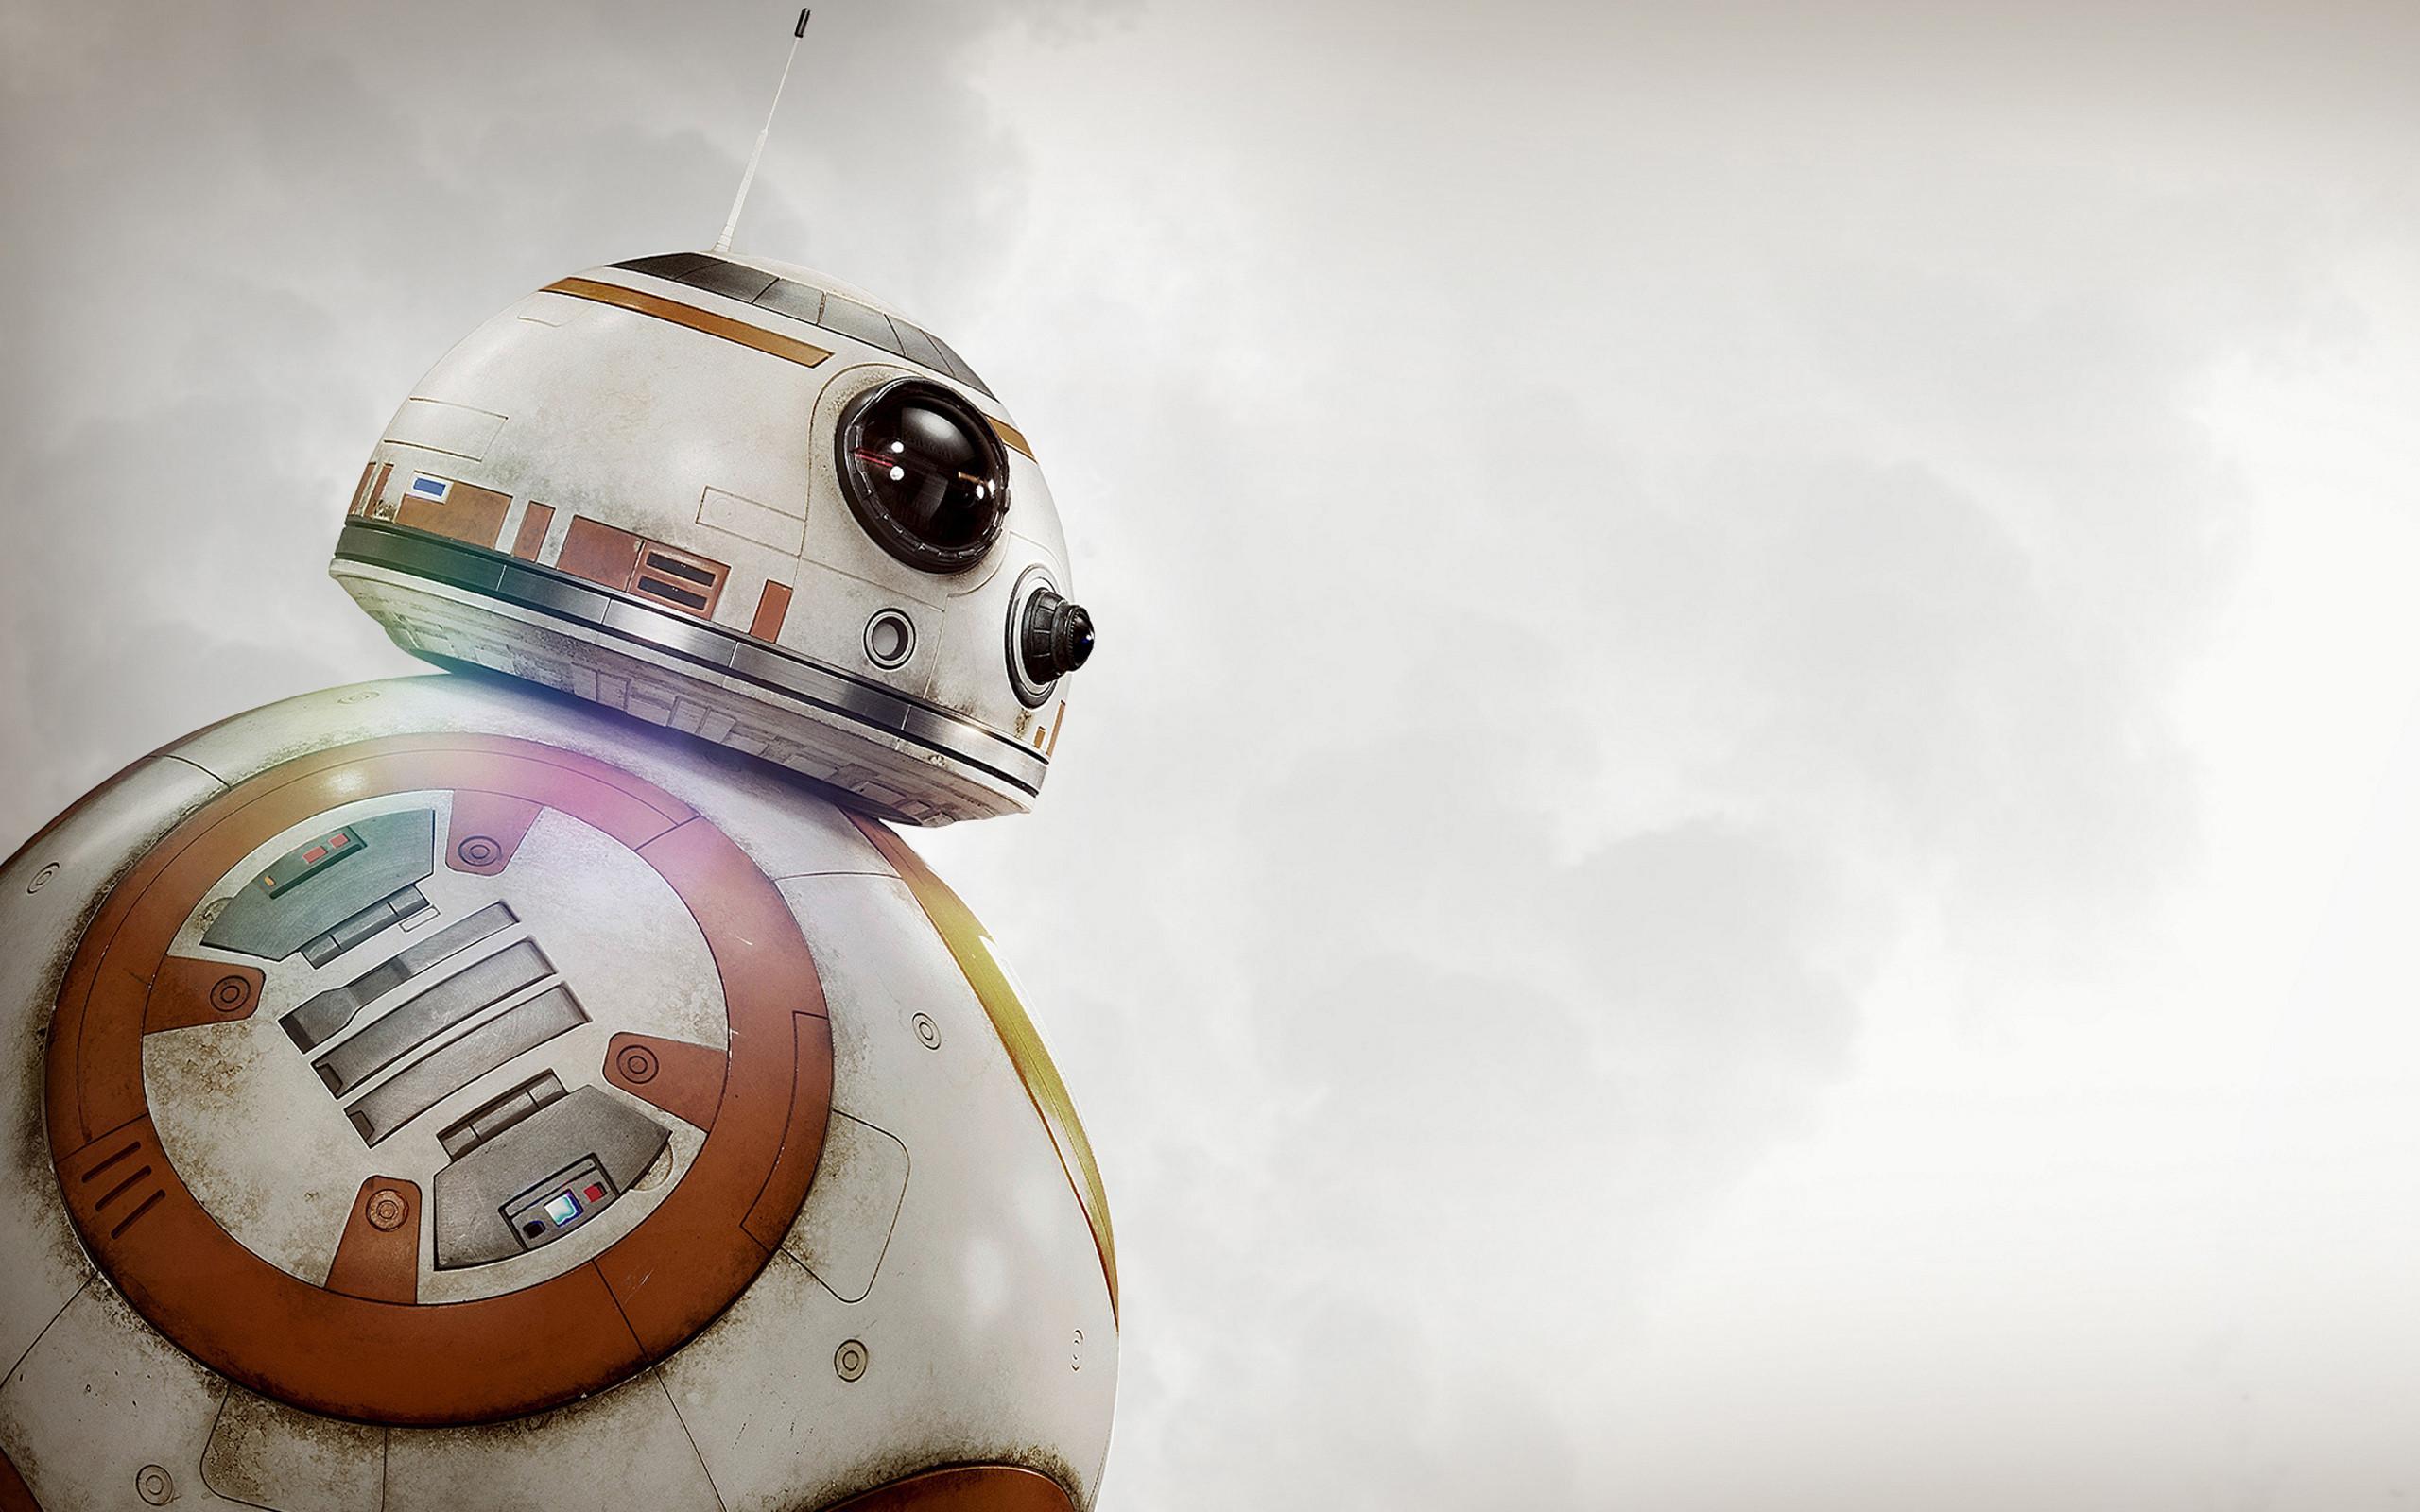 1080p Star Wars Wallpaper Bb8 2560x1600